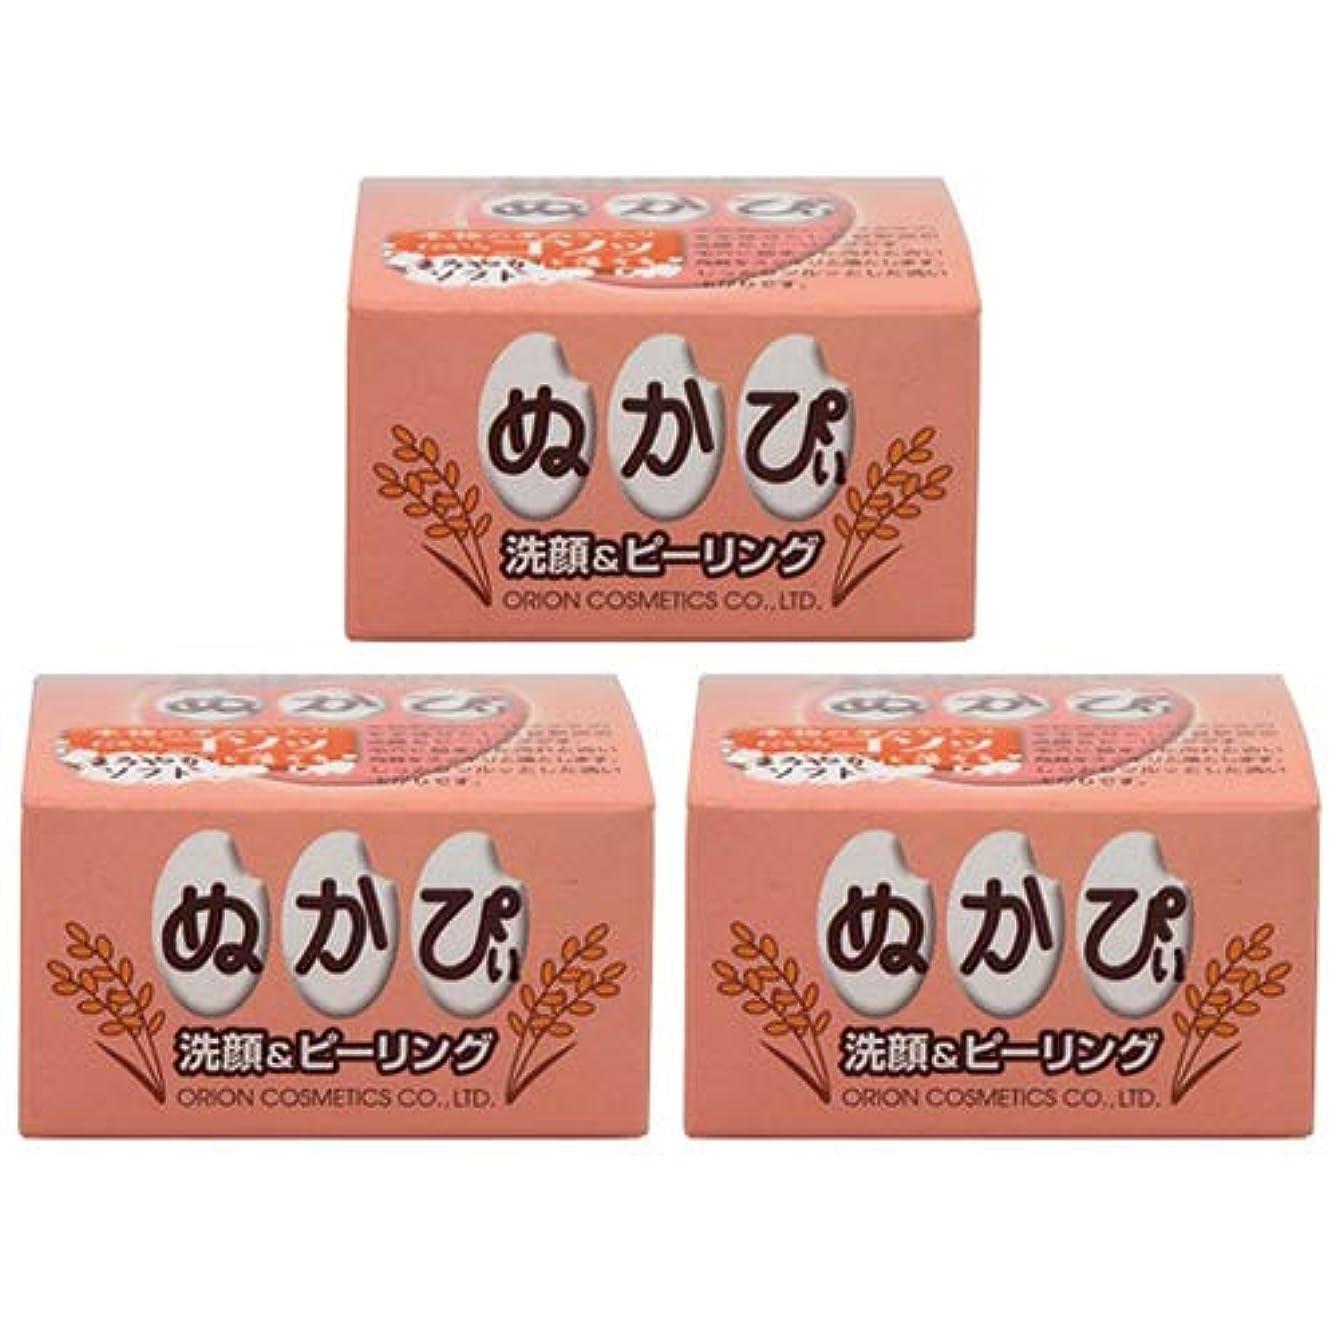 感嘆すなわち安全な米ぬか洗顔料 ぬかぴぃ (まろやかソフト) 50g×3個セット